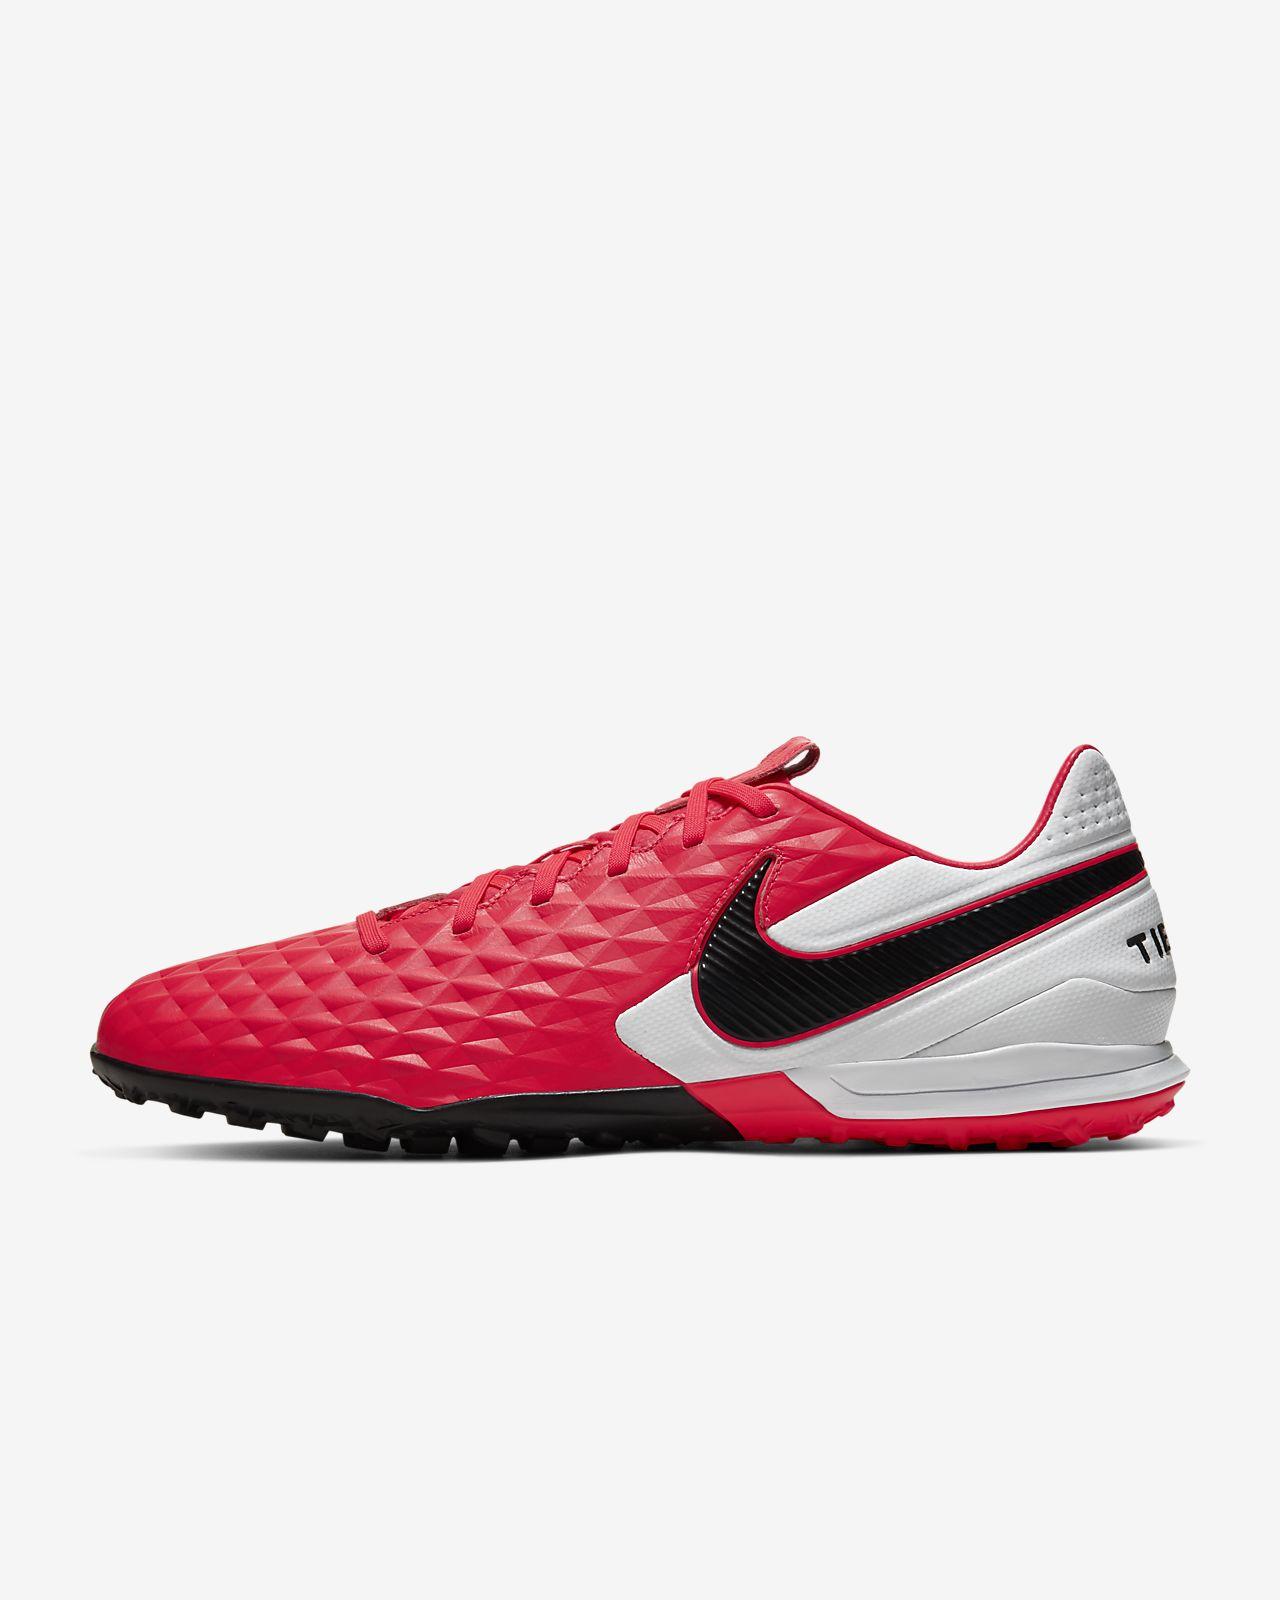 Calzado de fútbol para césped deportivo artificial Nike Tiempo Legend 8 Pro TF